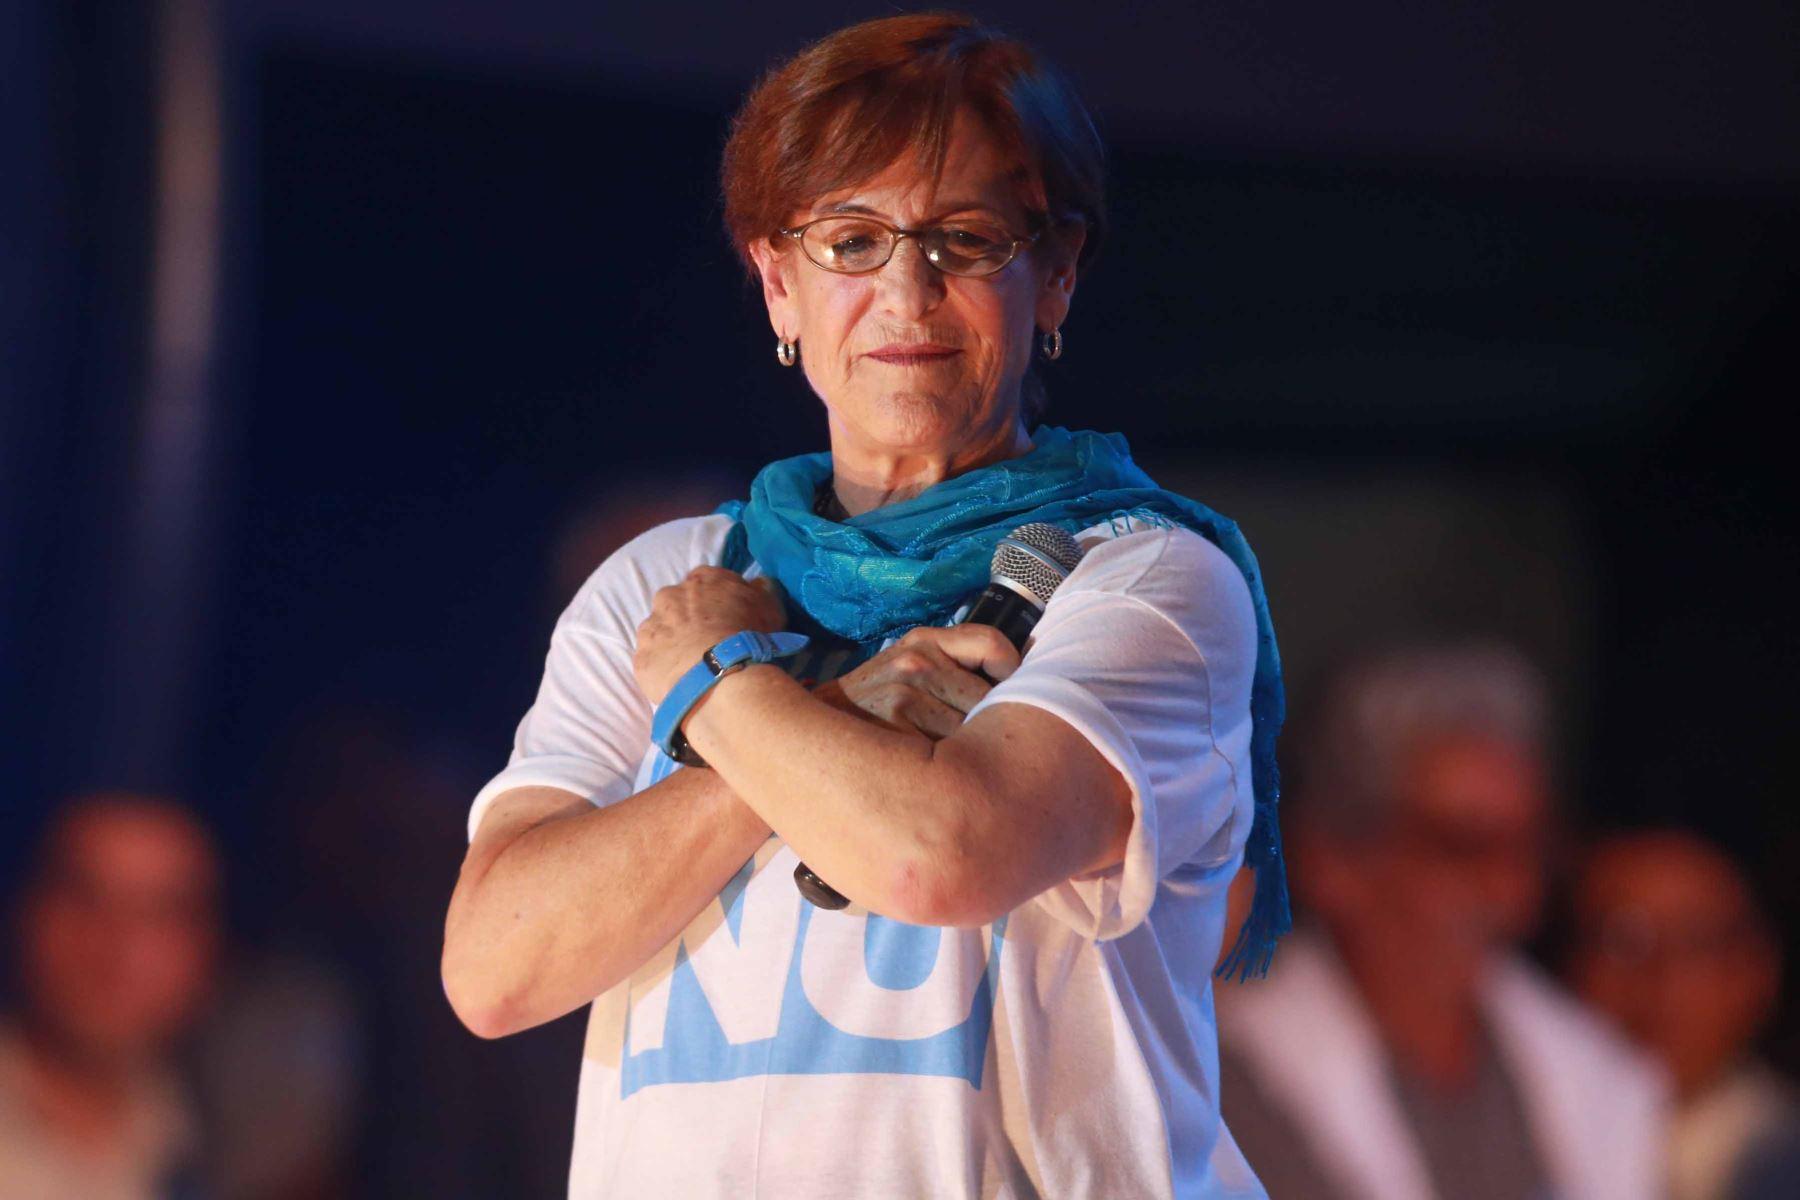 Lima - 14 marzo 2013 / La alcaldesa de Lima, Susana Villarán, encabezó el mitin de cierre de campaña por el NO a la revocatoria.